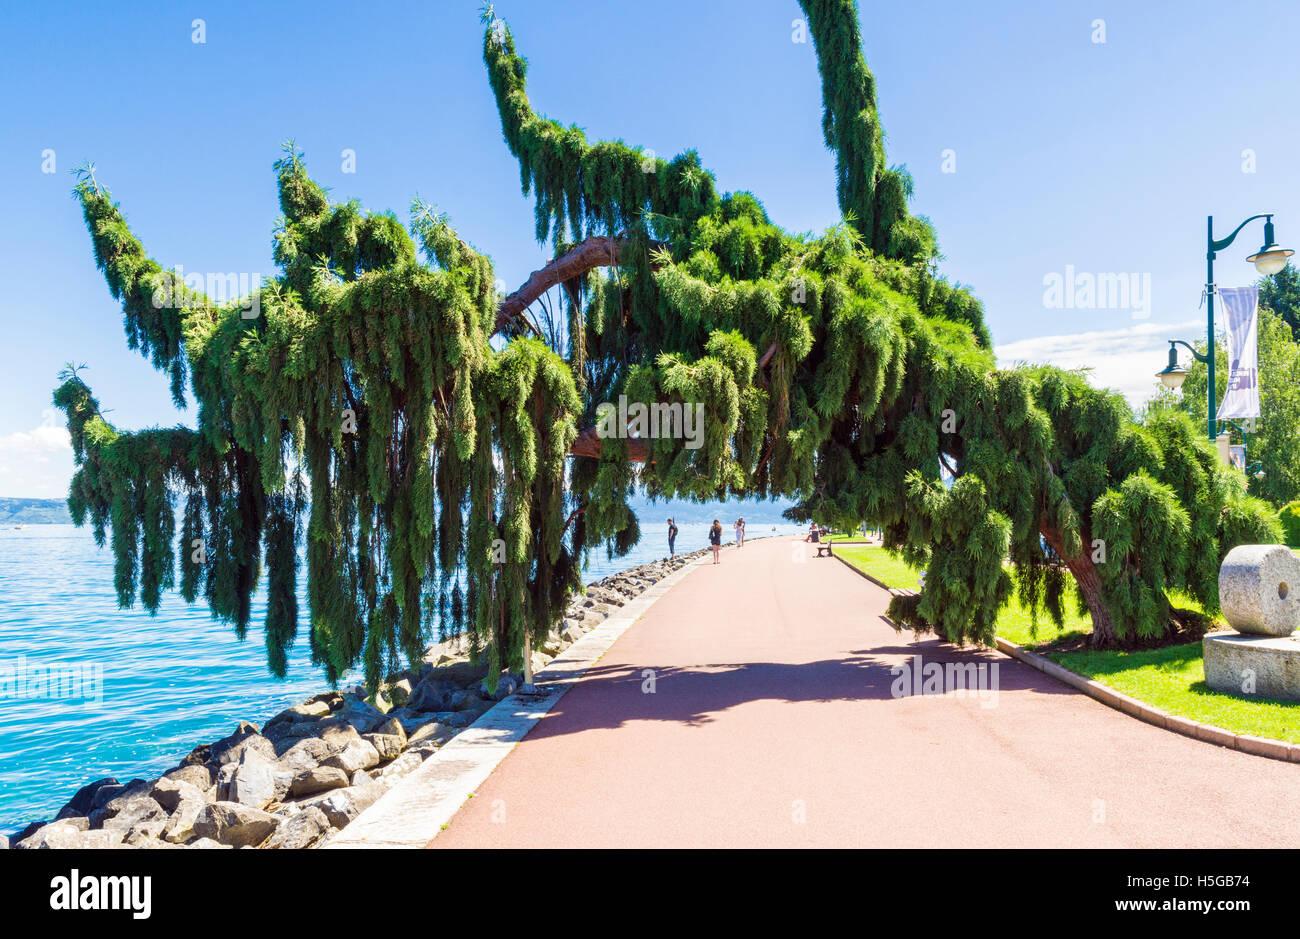 Un arbre Séquoia géant pleureur penché au-dessus de la promenade du bord de mer à Évian Photo Stock